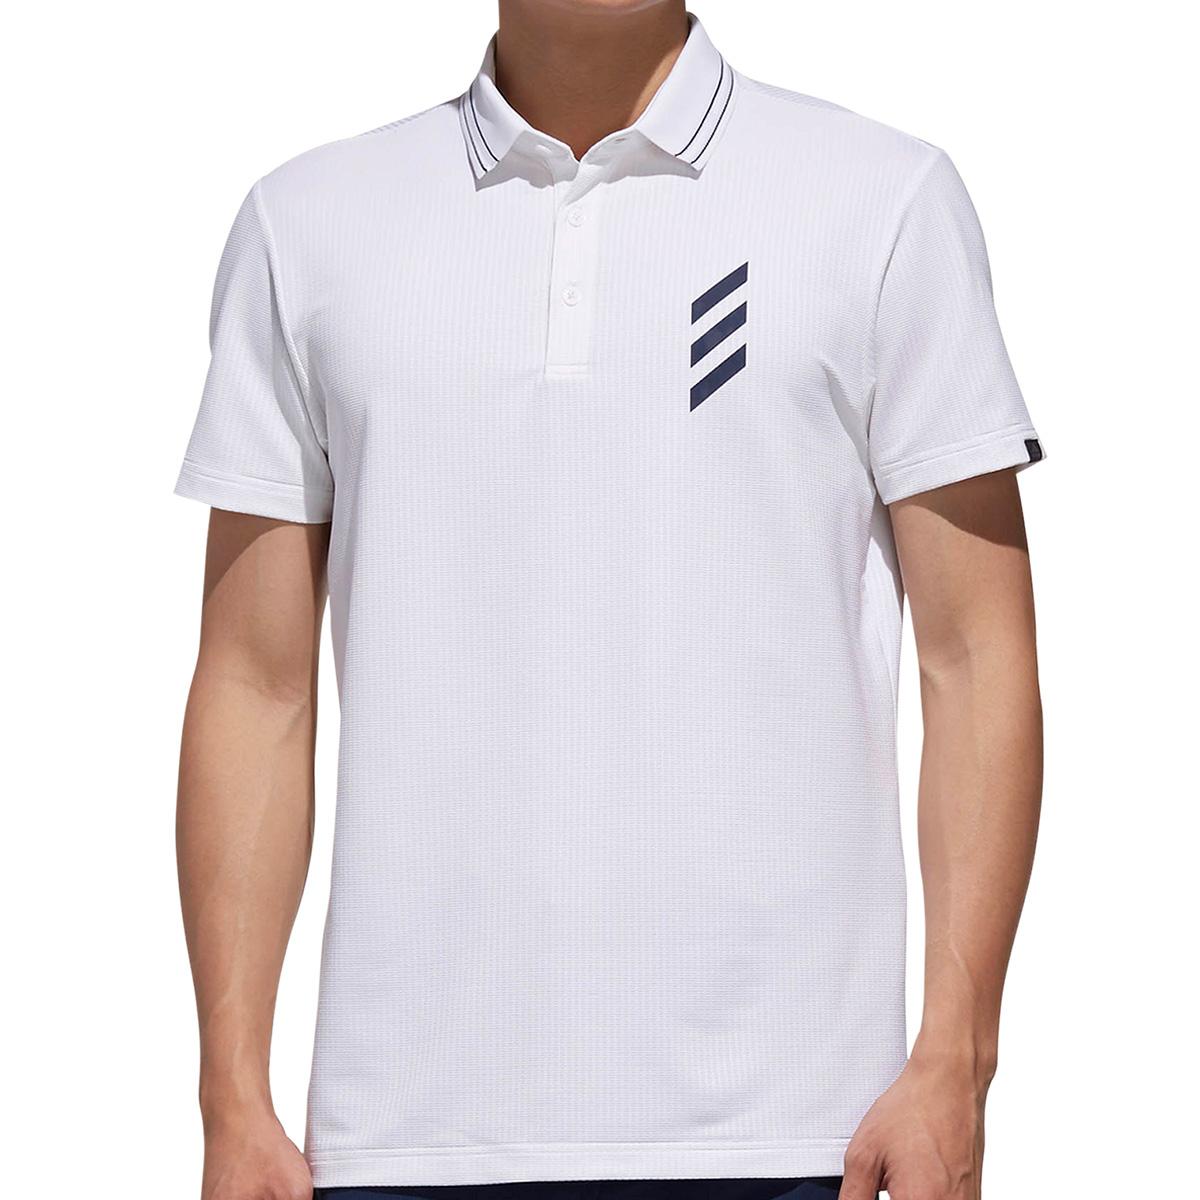 ADICROSS クロスデザイン 半袖ポロシャツ